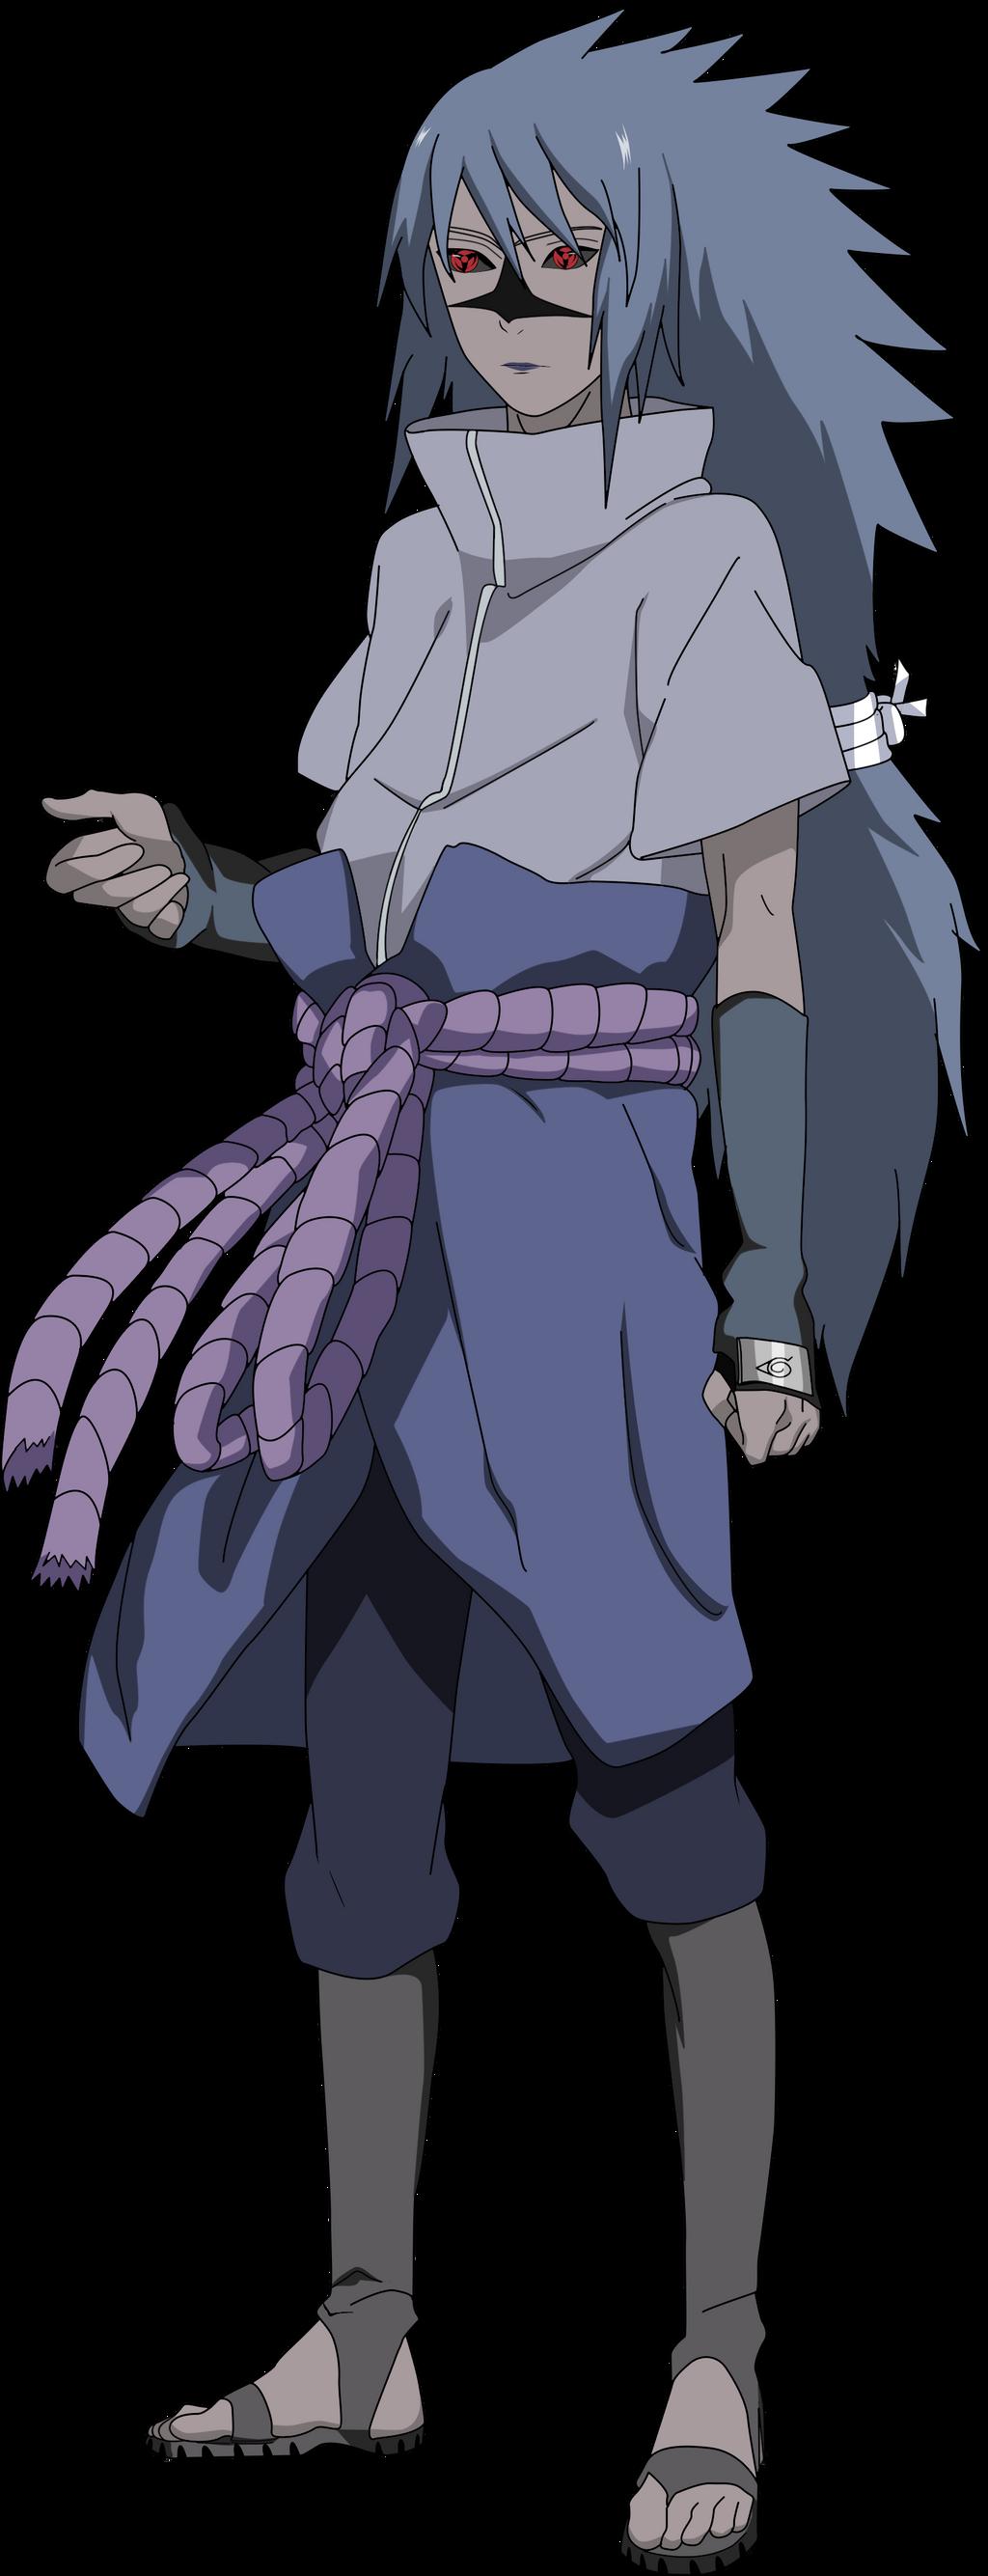 Sasuke Shippuden Curse Seal 2 Render by lwisf3rxd on ... - Sasuke Demon